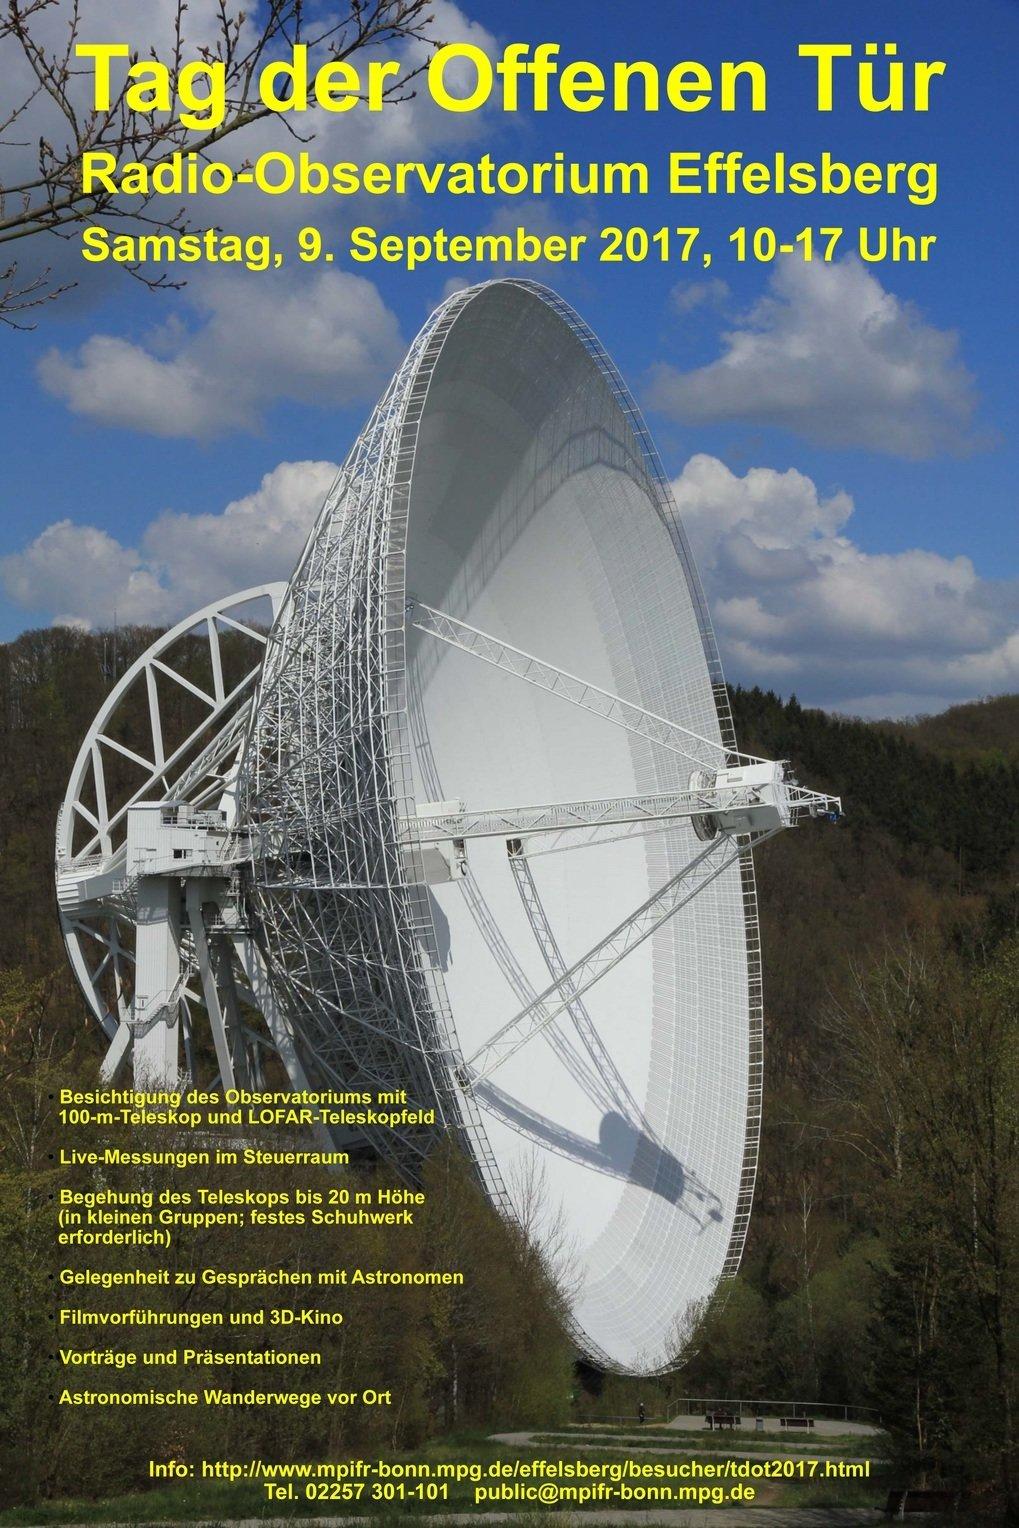 Tur de  Tag der Offenen Tür am 100-m-Radioteleskop Effelsberg | Max Planck ...